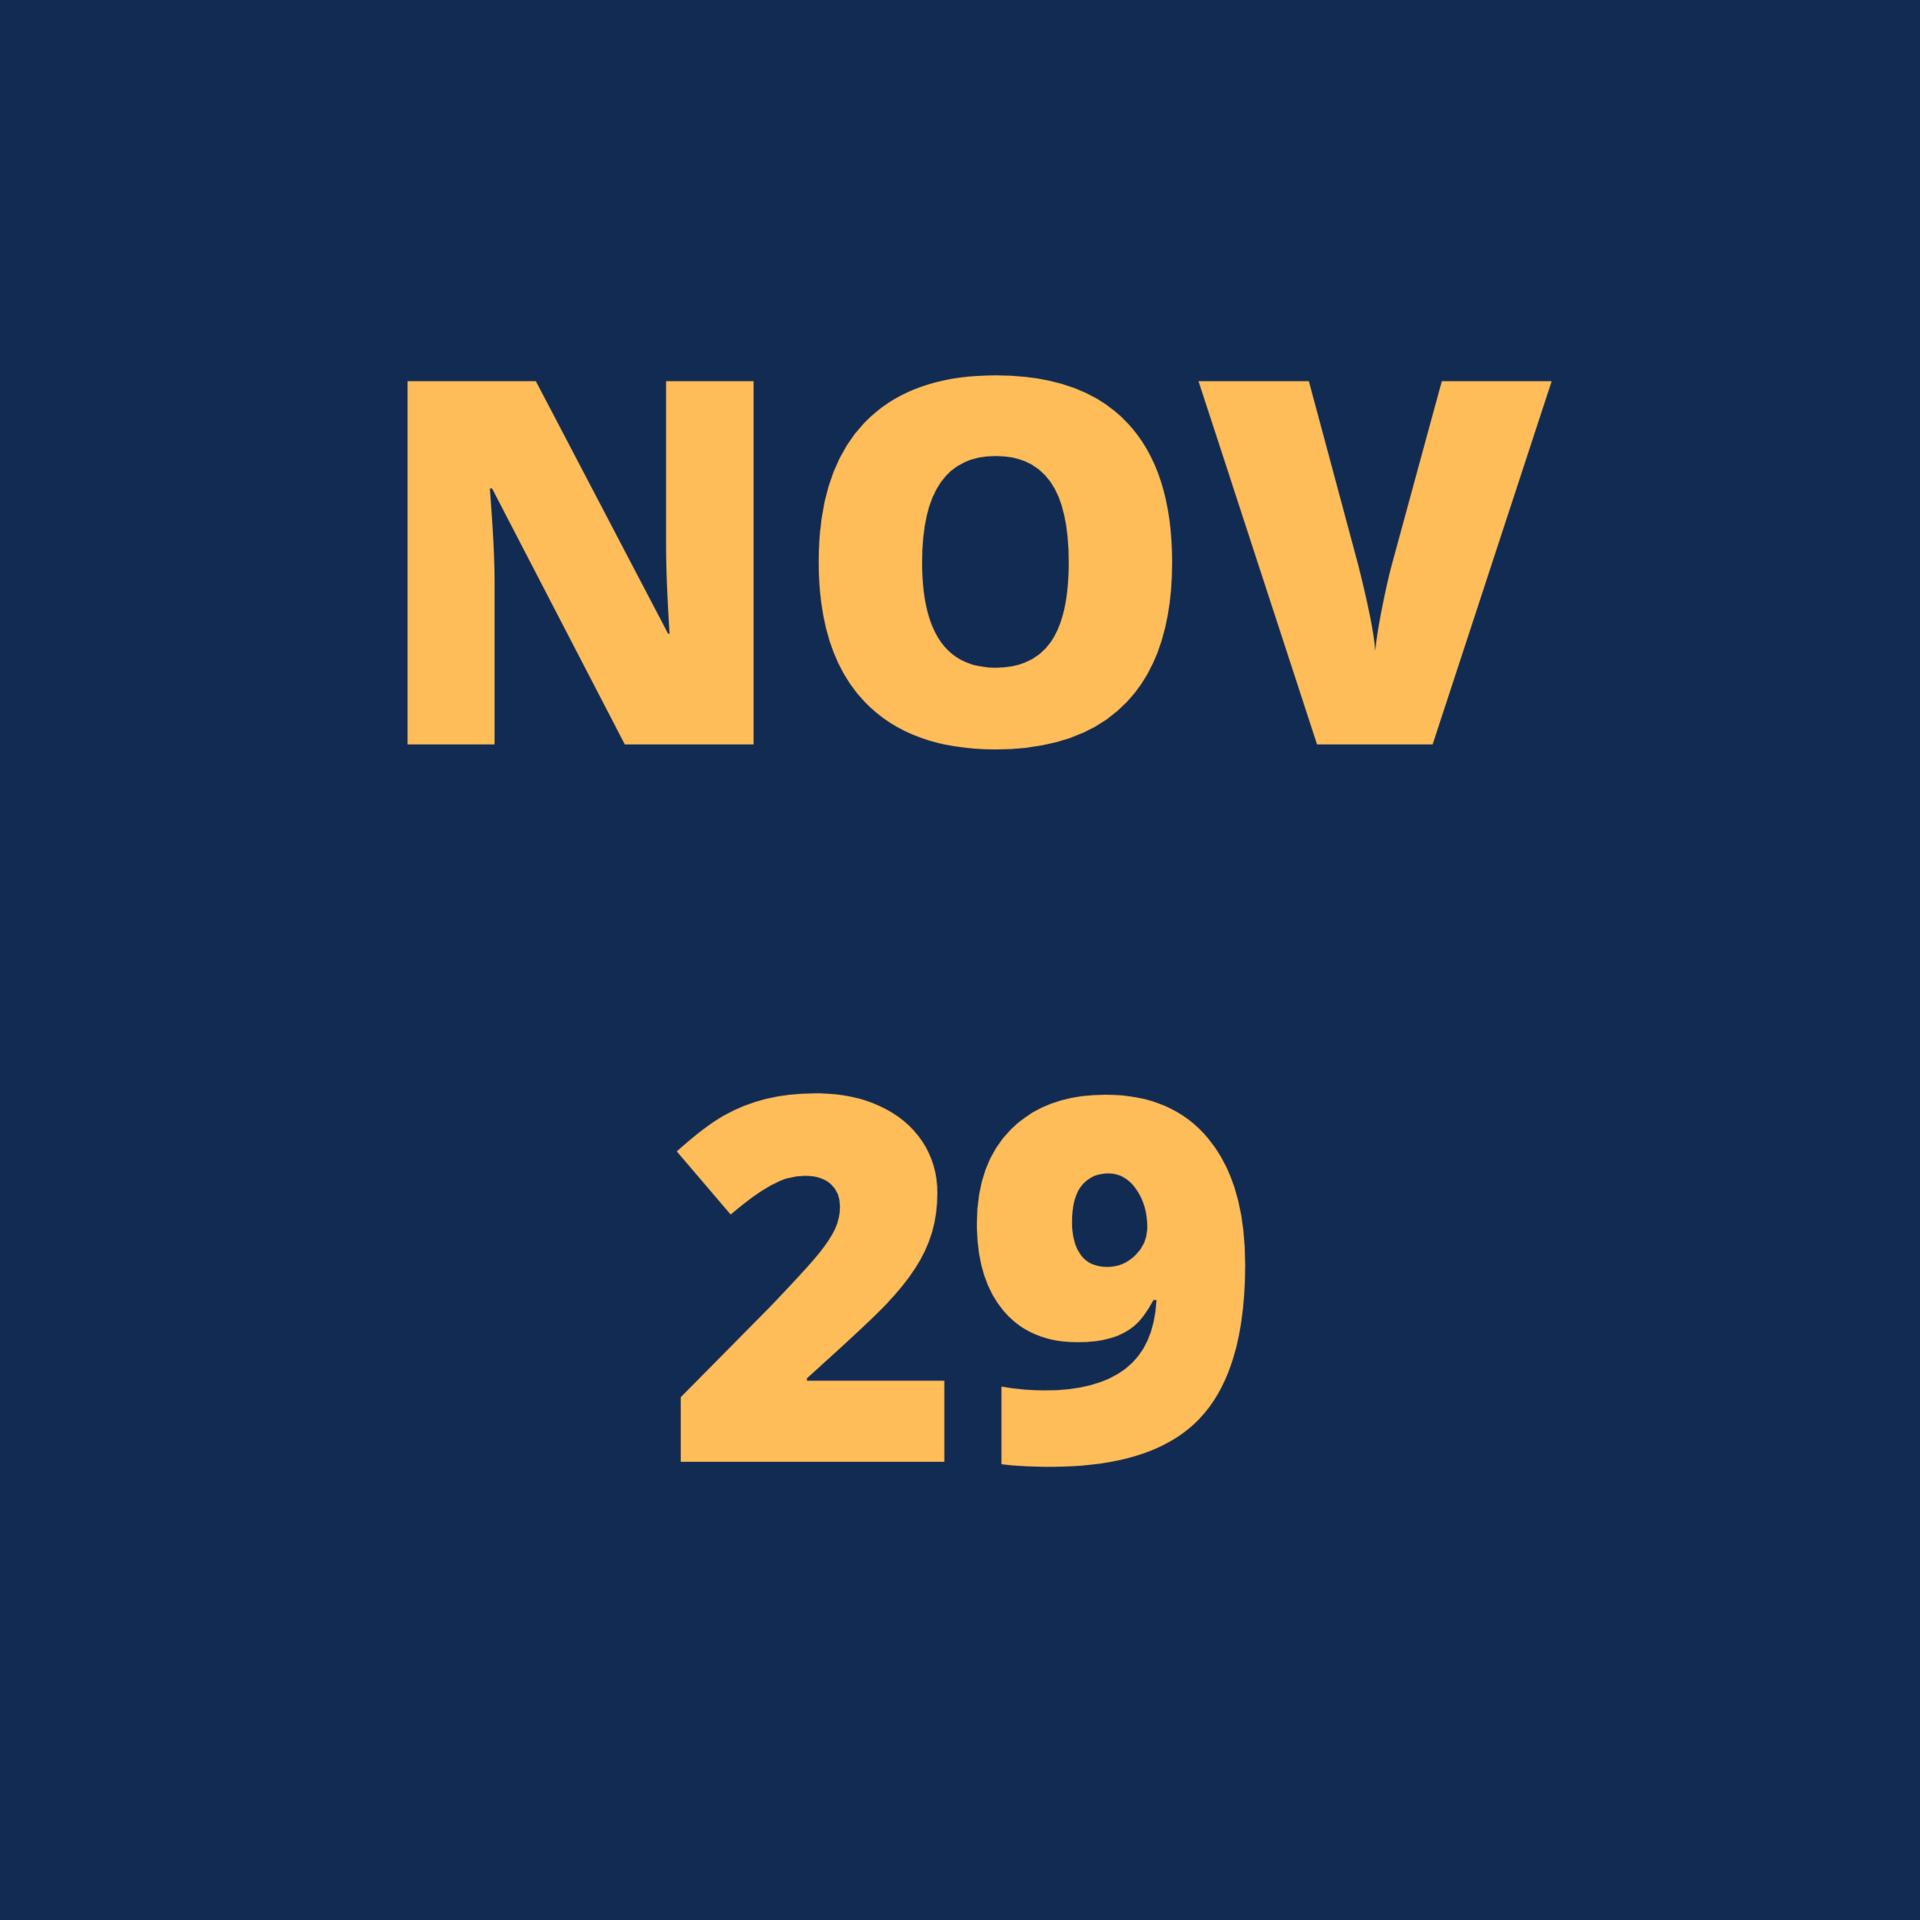 Nov 29 Icon